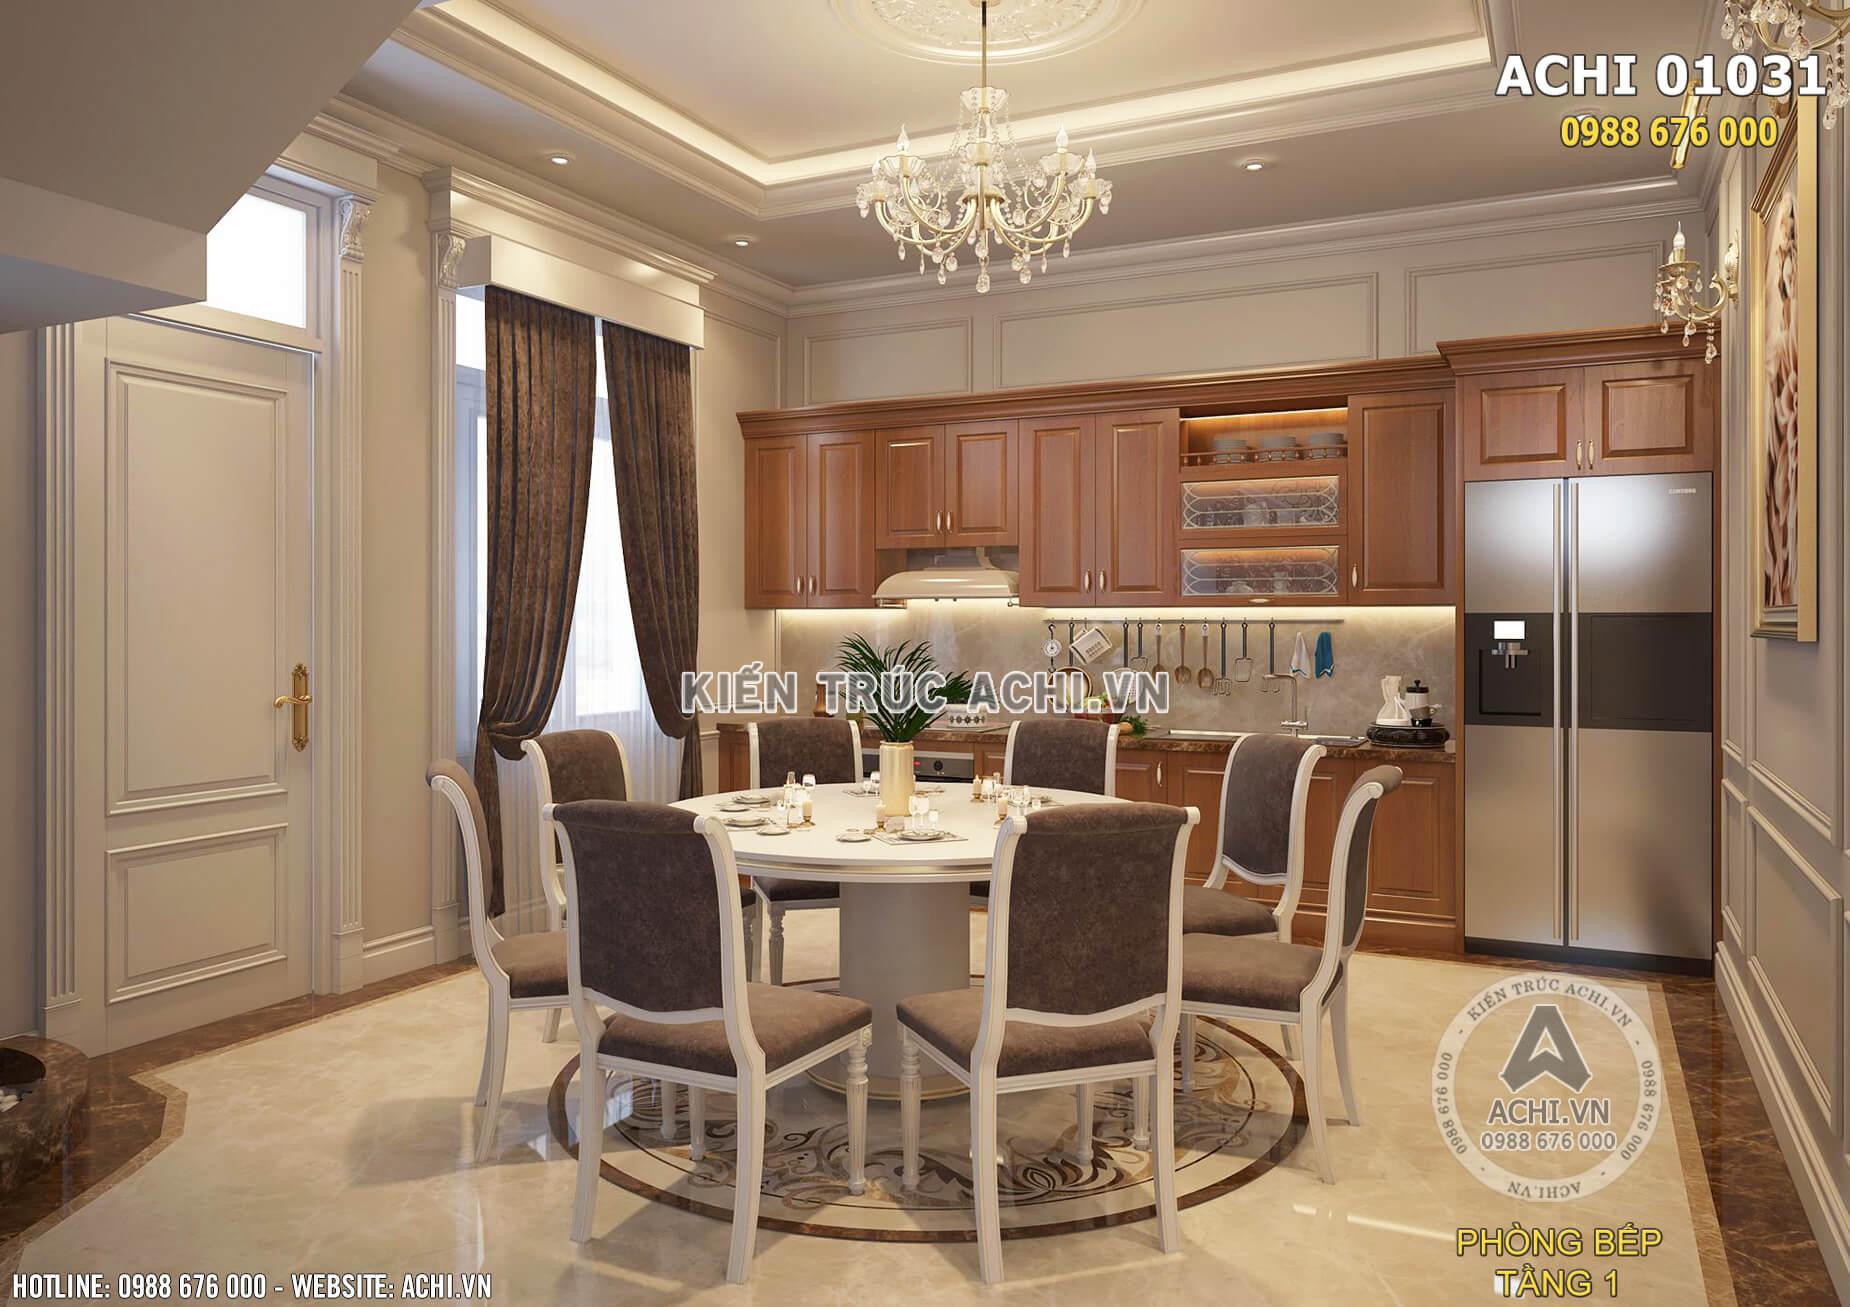 Không gian phòng bếp tân cổ điển sang trọng và tiện nghi